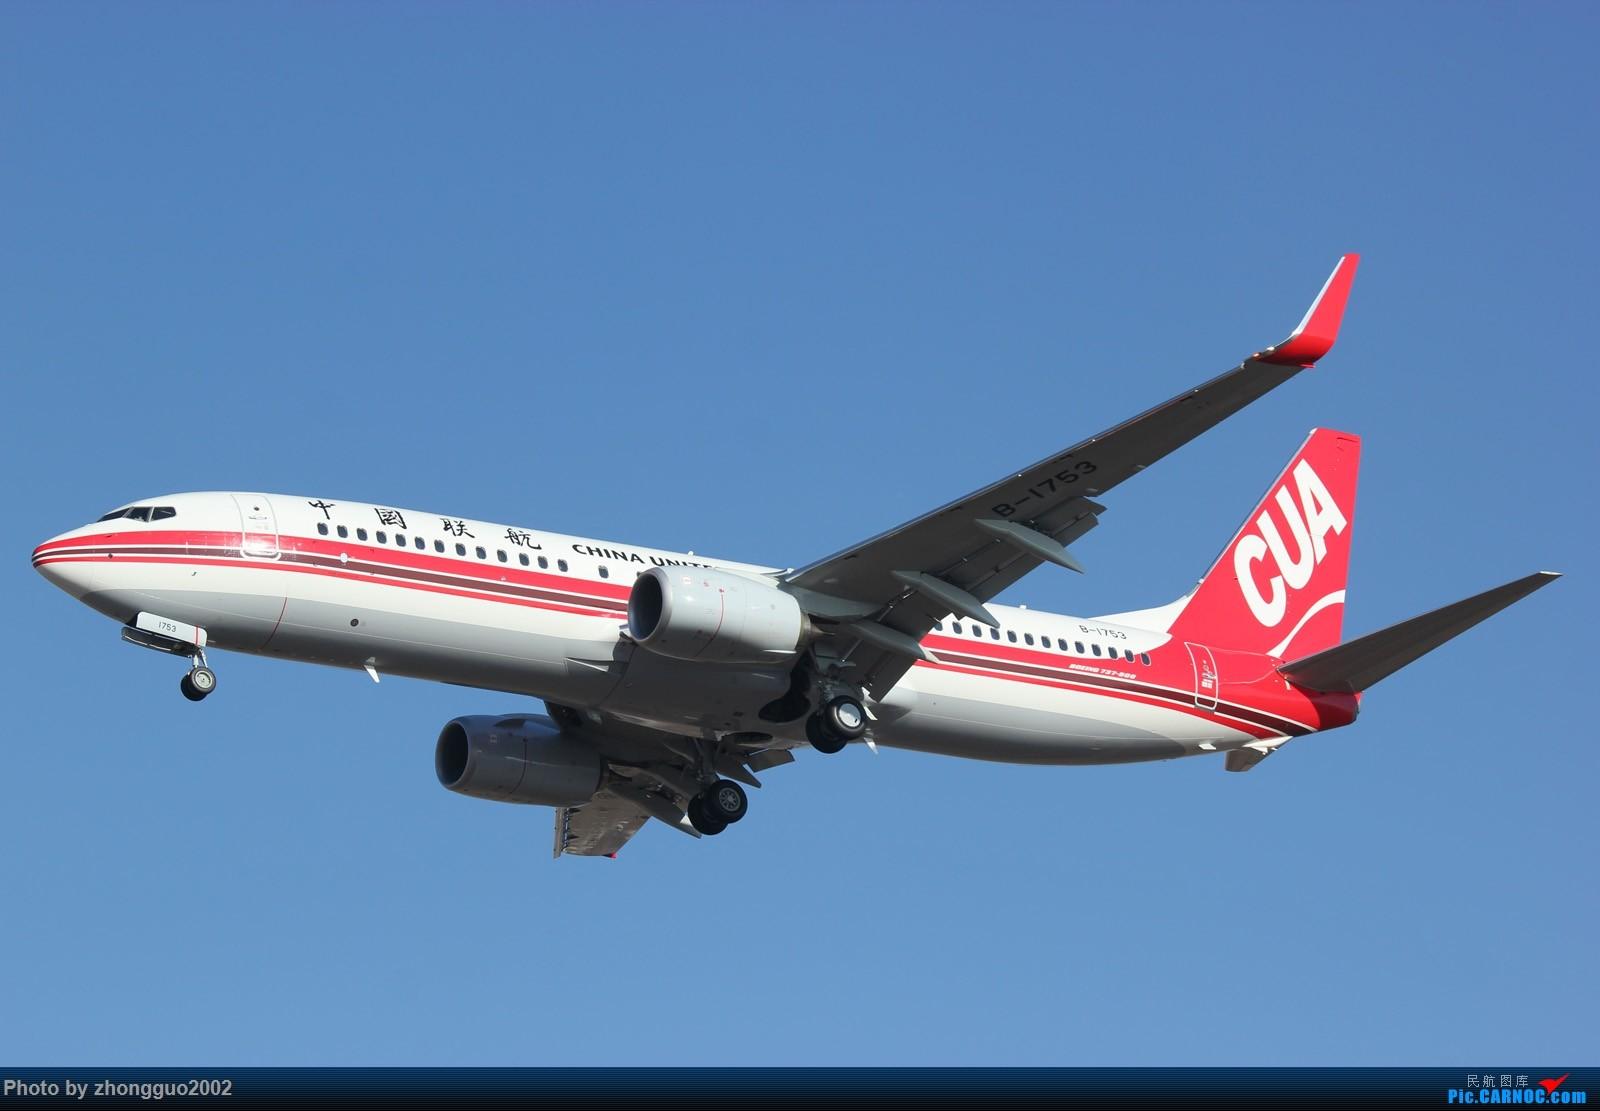 Re:[原创]【BLDDQ--深圳打机队】发小飞机盖楼贴,凡跟帖1字开头大陆民航飞机图的,每图五架小飞机不重复 BOEING 737-800 B-1753 中国呼和浩特白塔国际机场